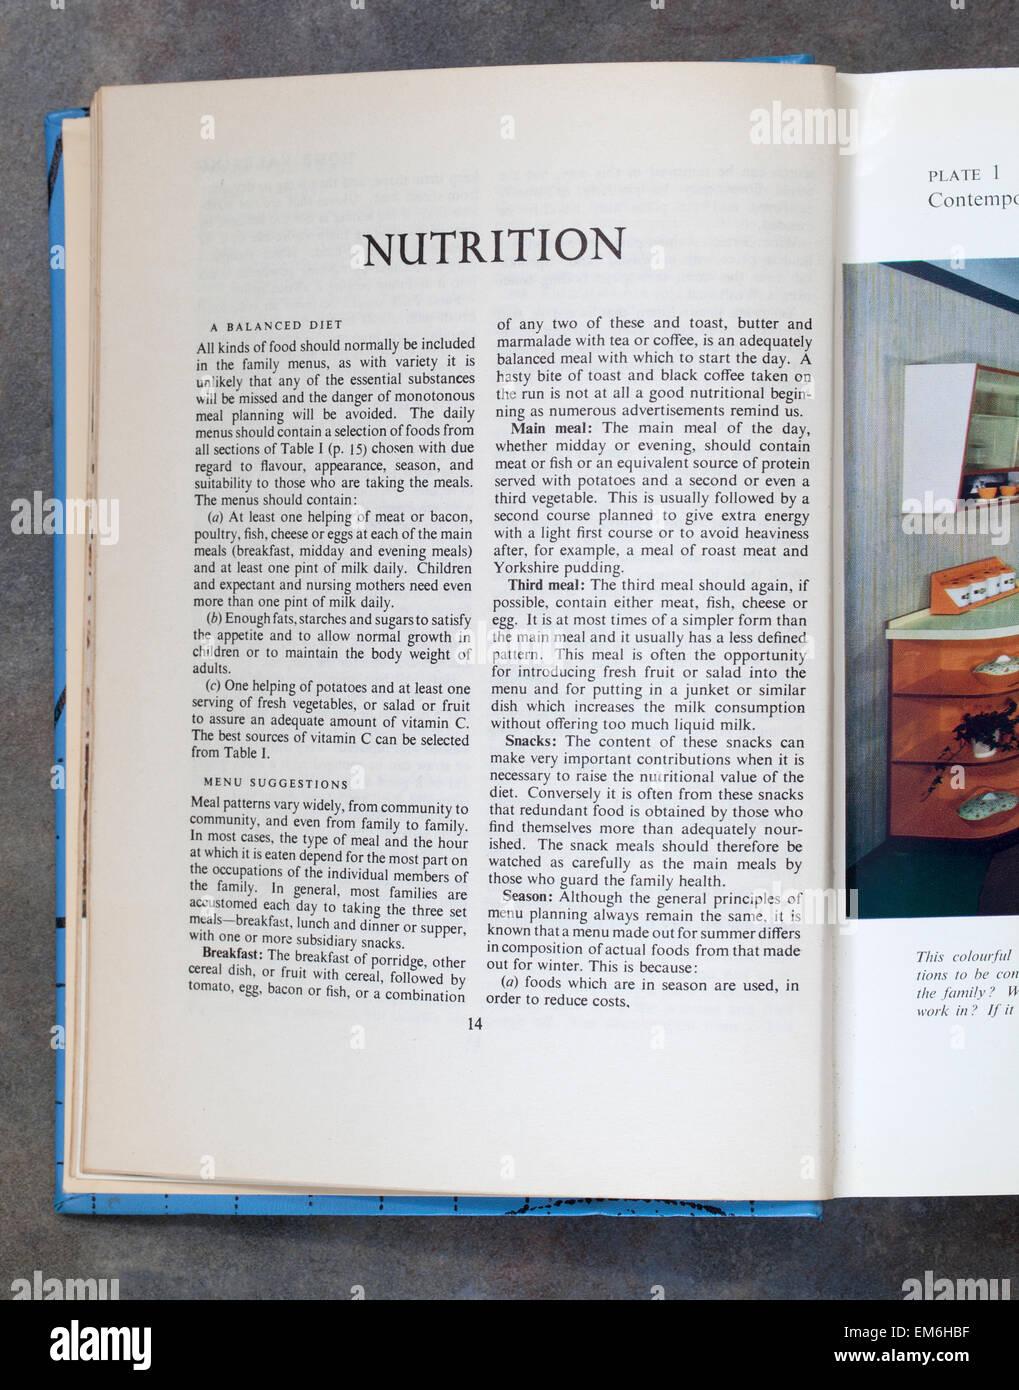 La Nutrition Chapitre Page de Mme Beetons Livre de cuisine de tous les jours Photo Stock